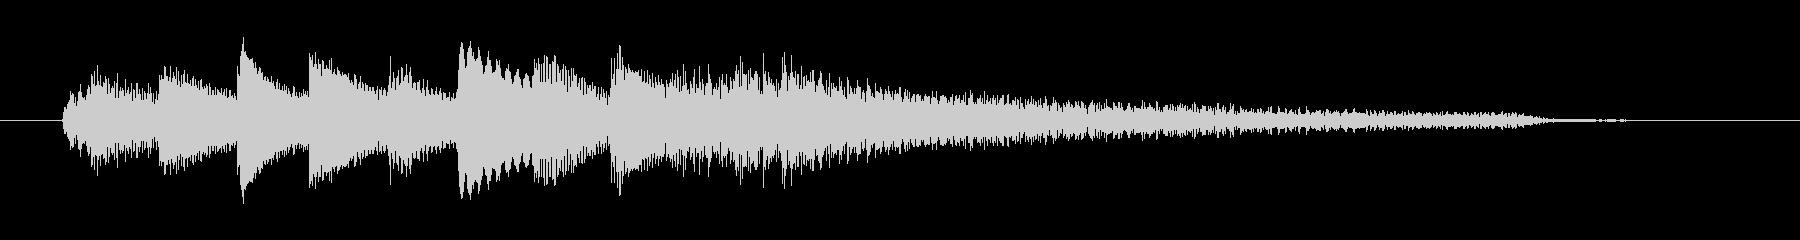 チャプター・場面転換等にピアノジングルLの未再生の波形